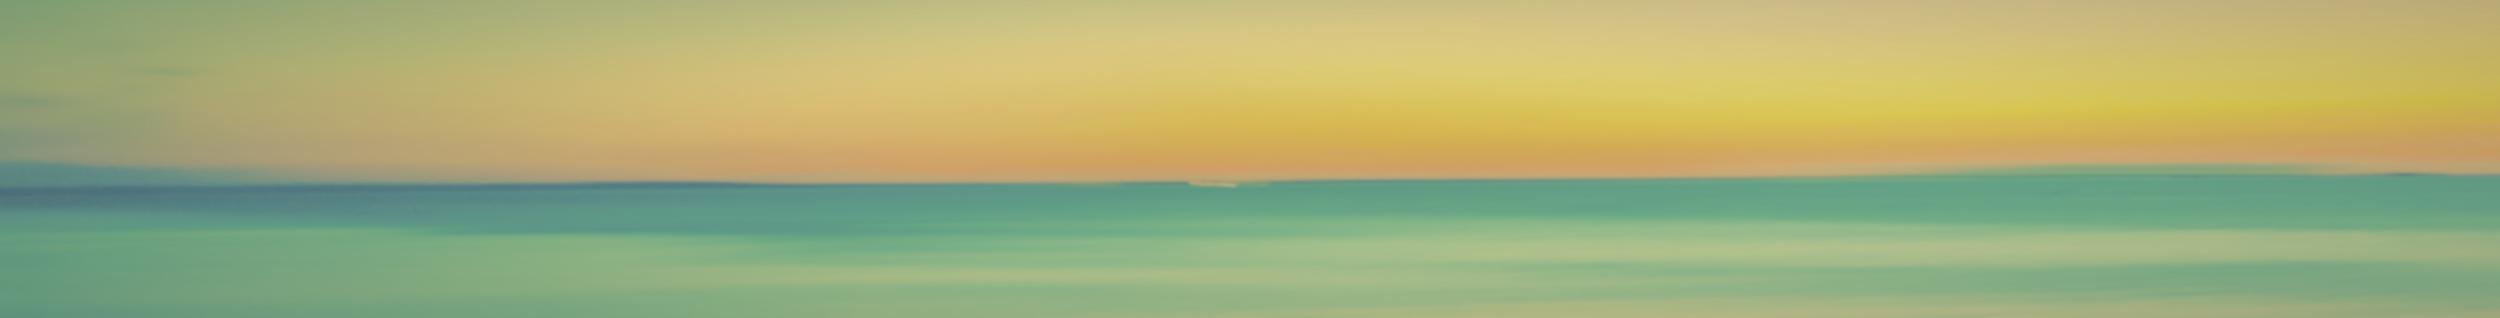 sunset divider.png